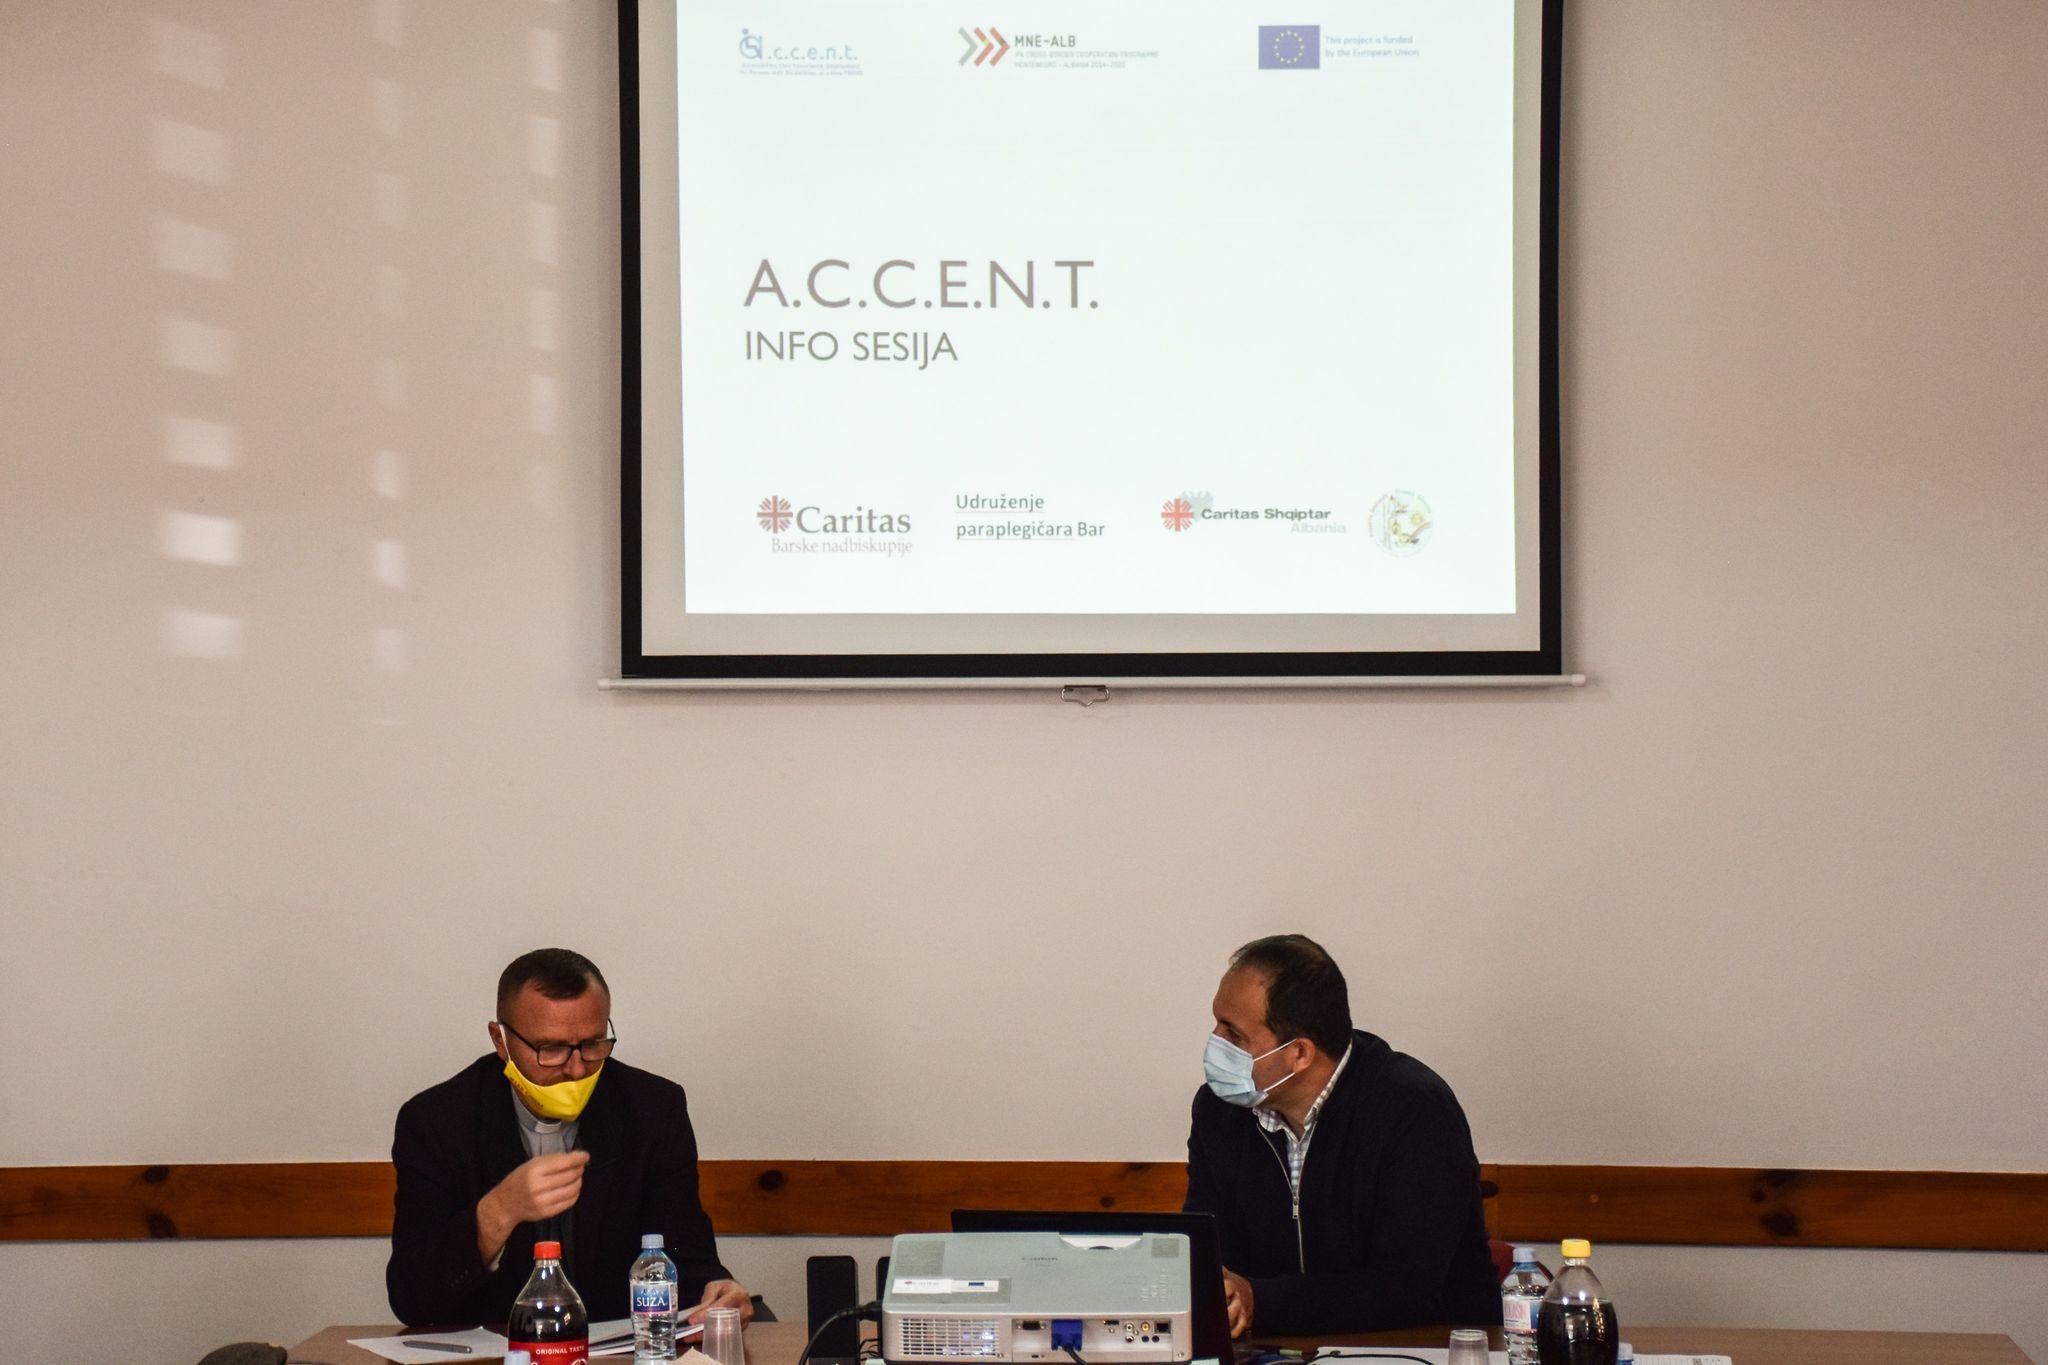 Predstavljen novi projekat A.C.C.E.N.T – Pristupačnost, građanska savijest, zapošljavanje osoba sa invaliditetom, kao novi trend